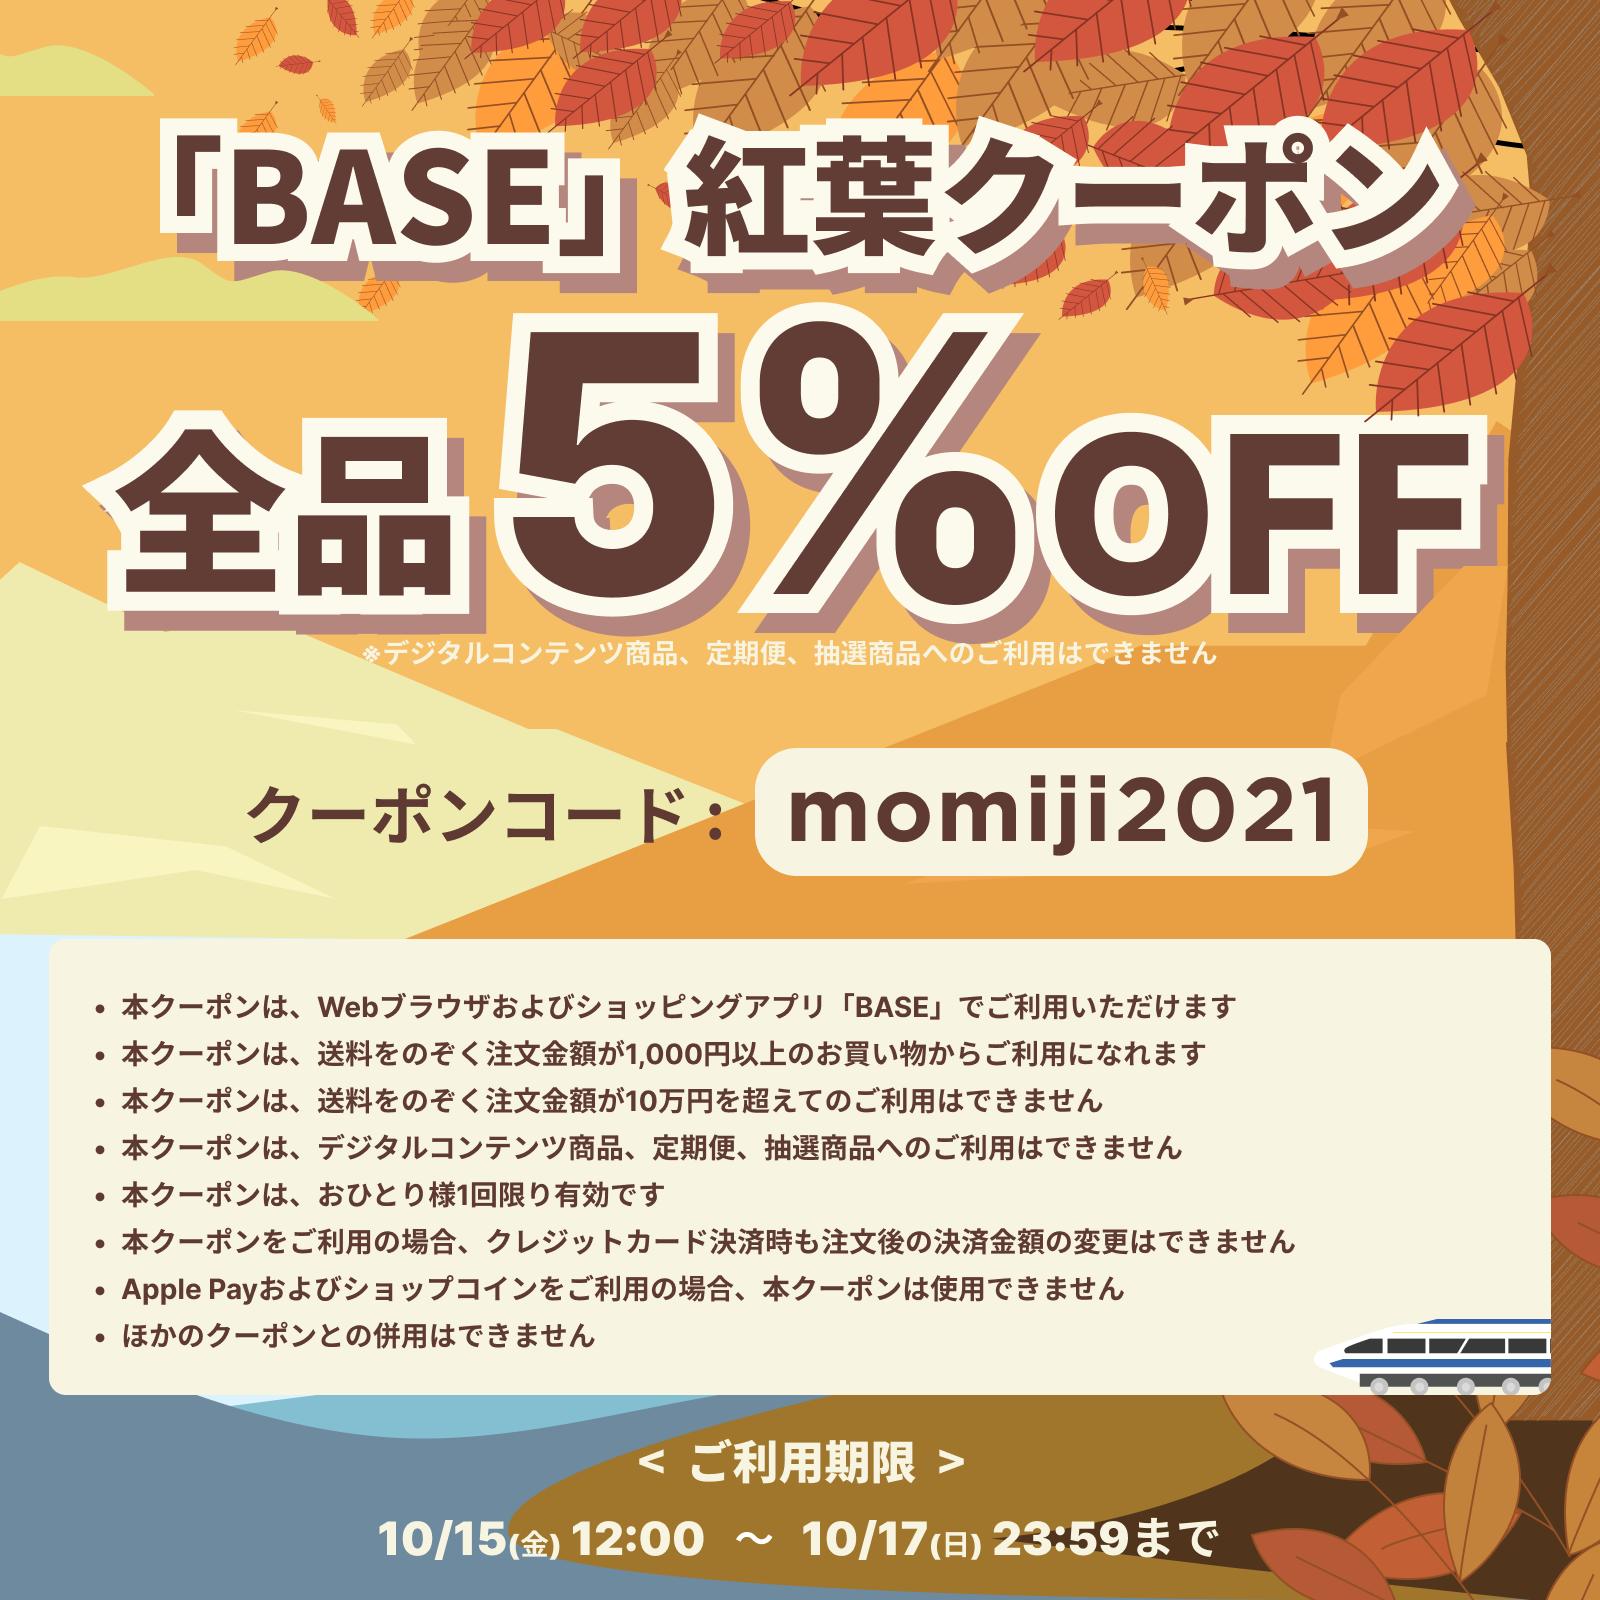 オンラインショップご購入5%OFFキャンペーン